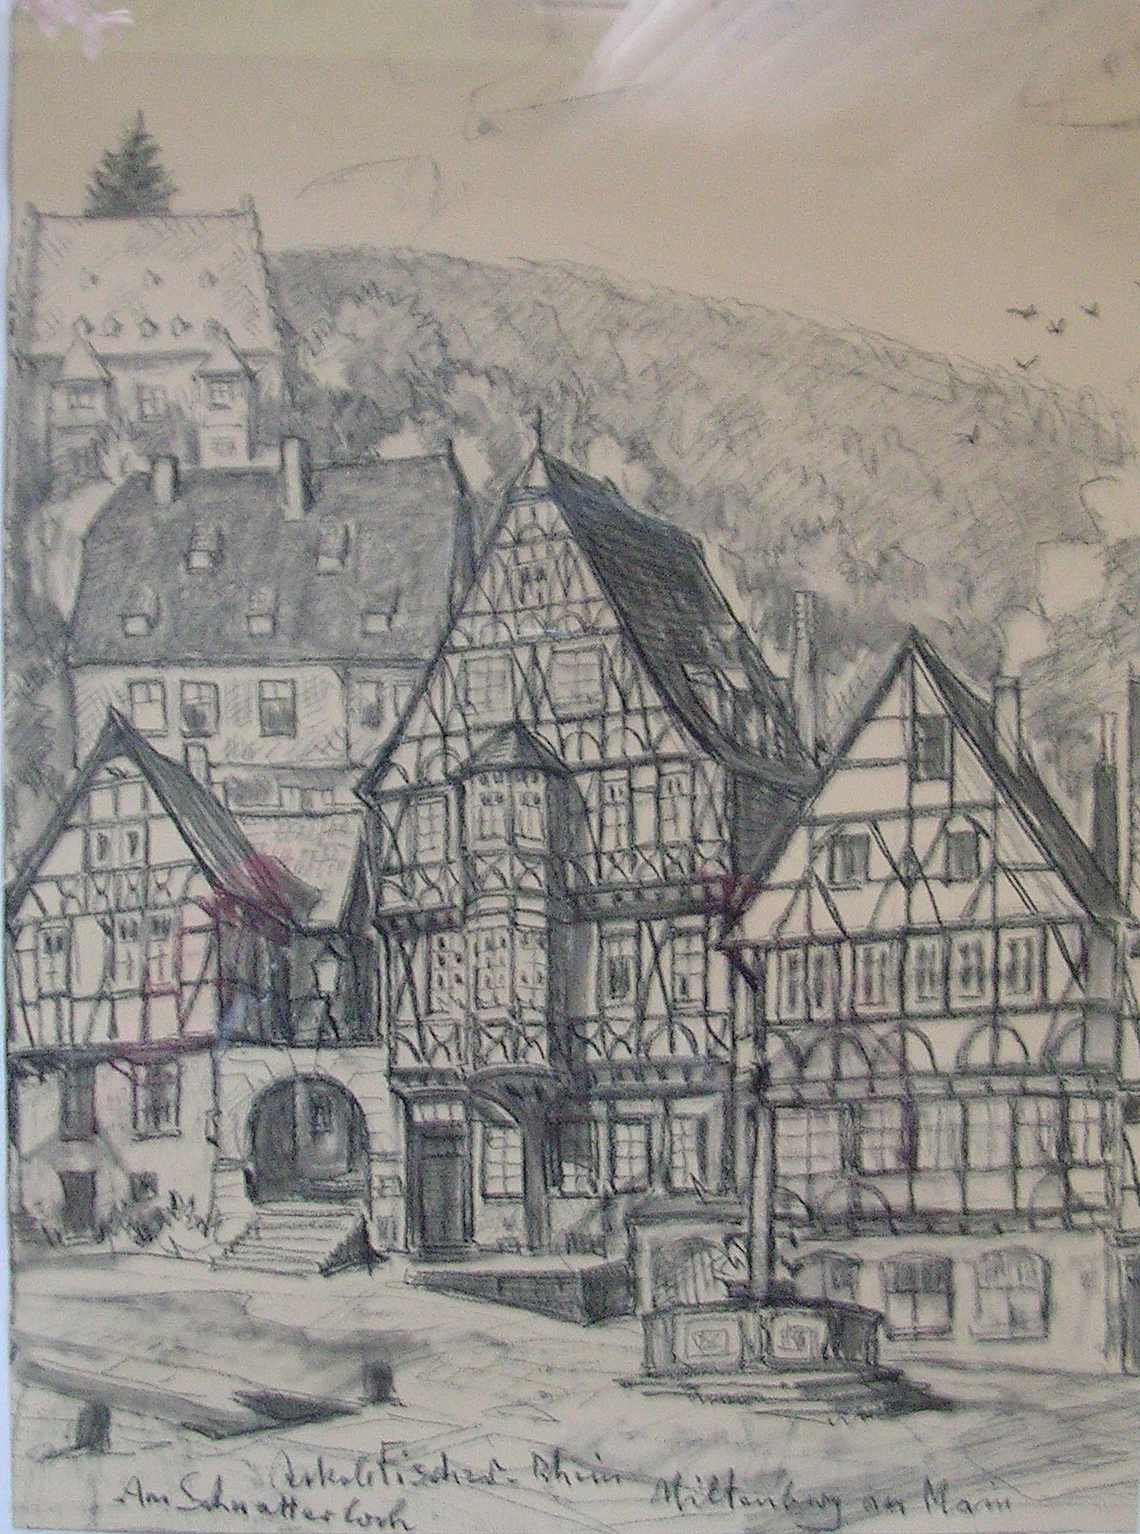 Miltenberg Am Schnatterloch, o. J., 28 x 38 cm, Kohlezeichnung von Jakob Fischer-Rhein!